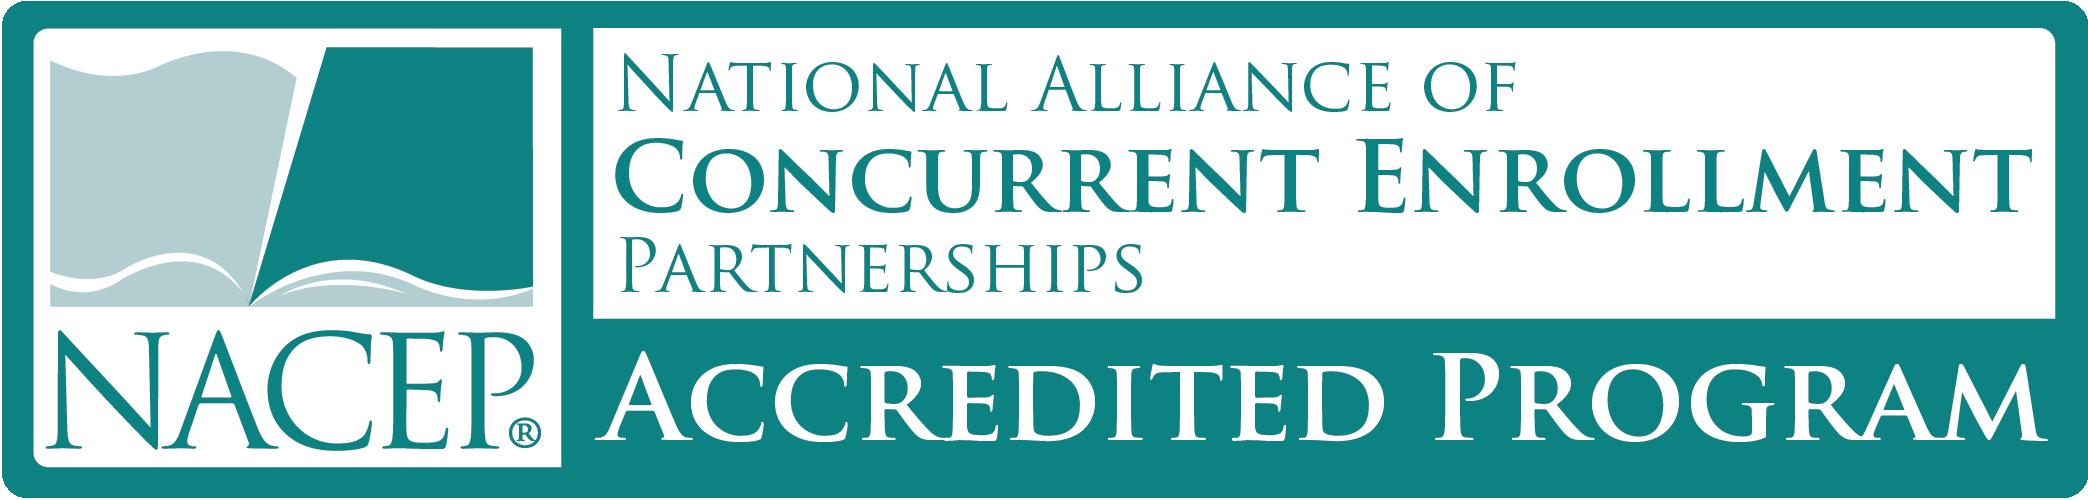 NACEP accredited program logo image